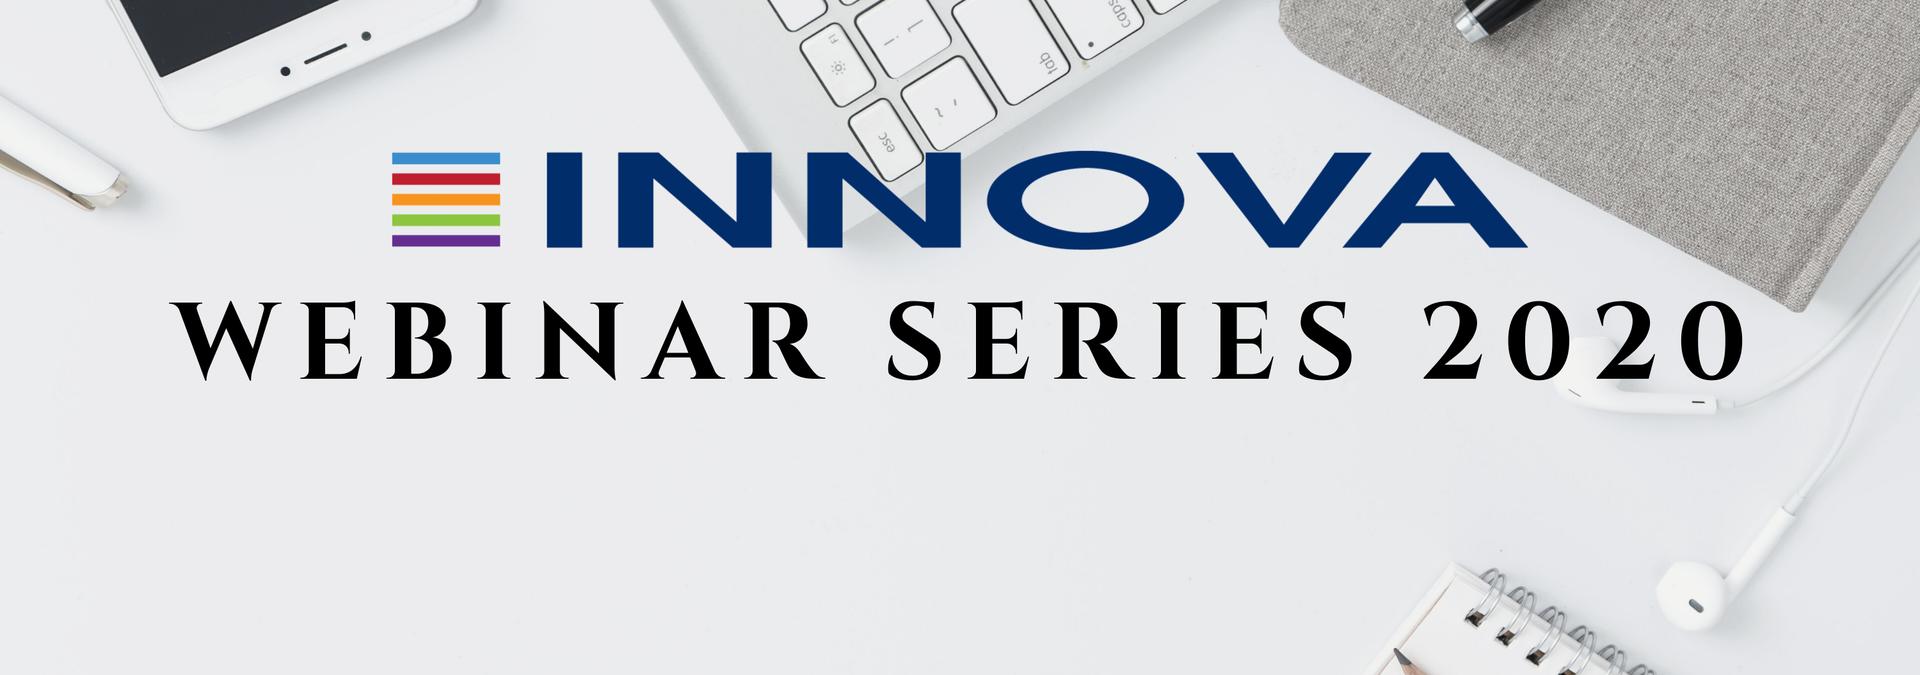 Innova_webinar_2020